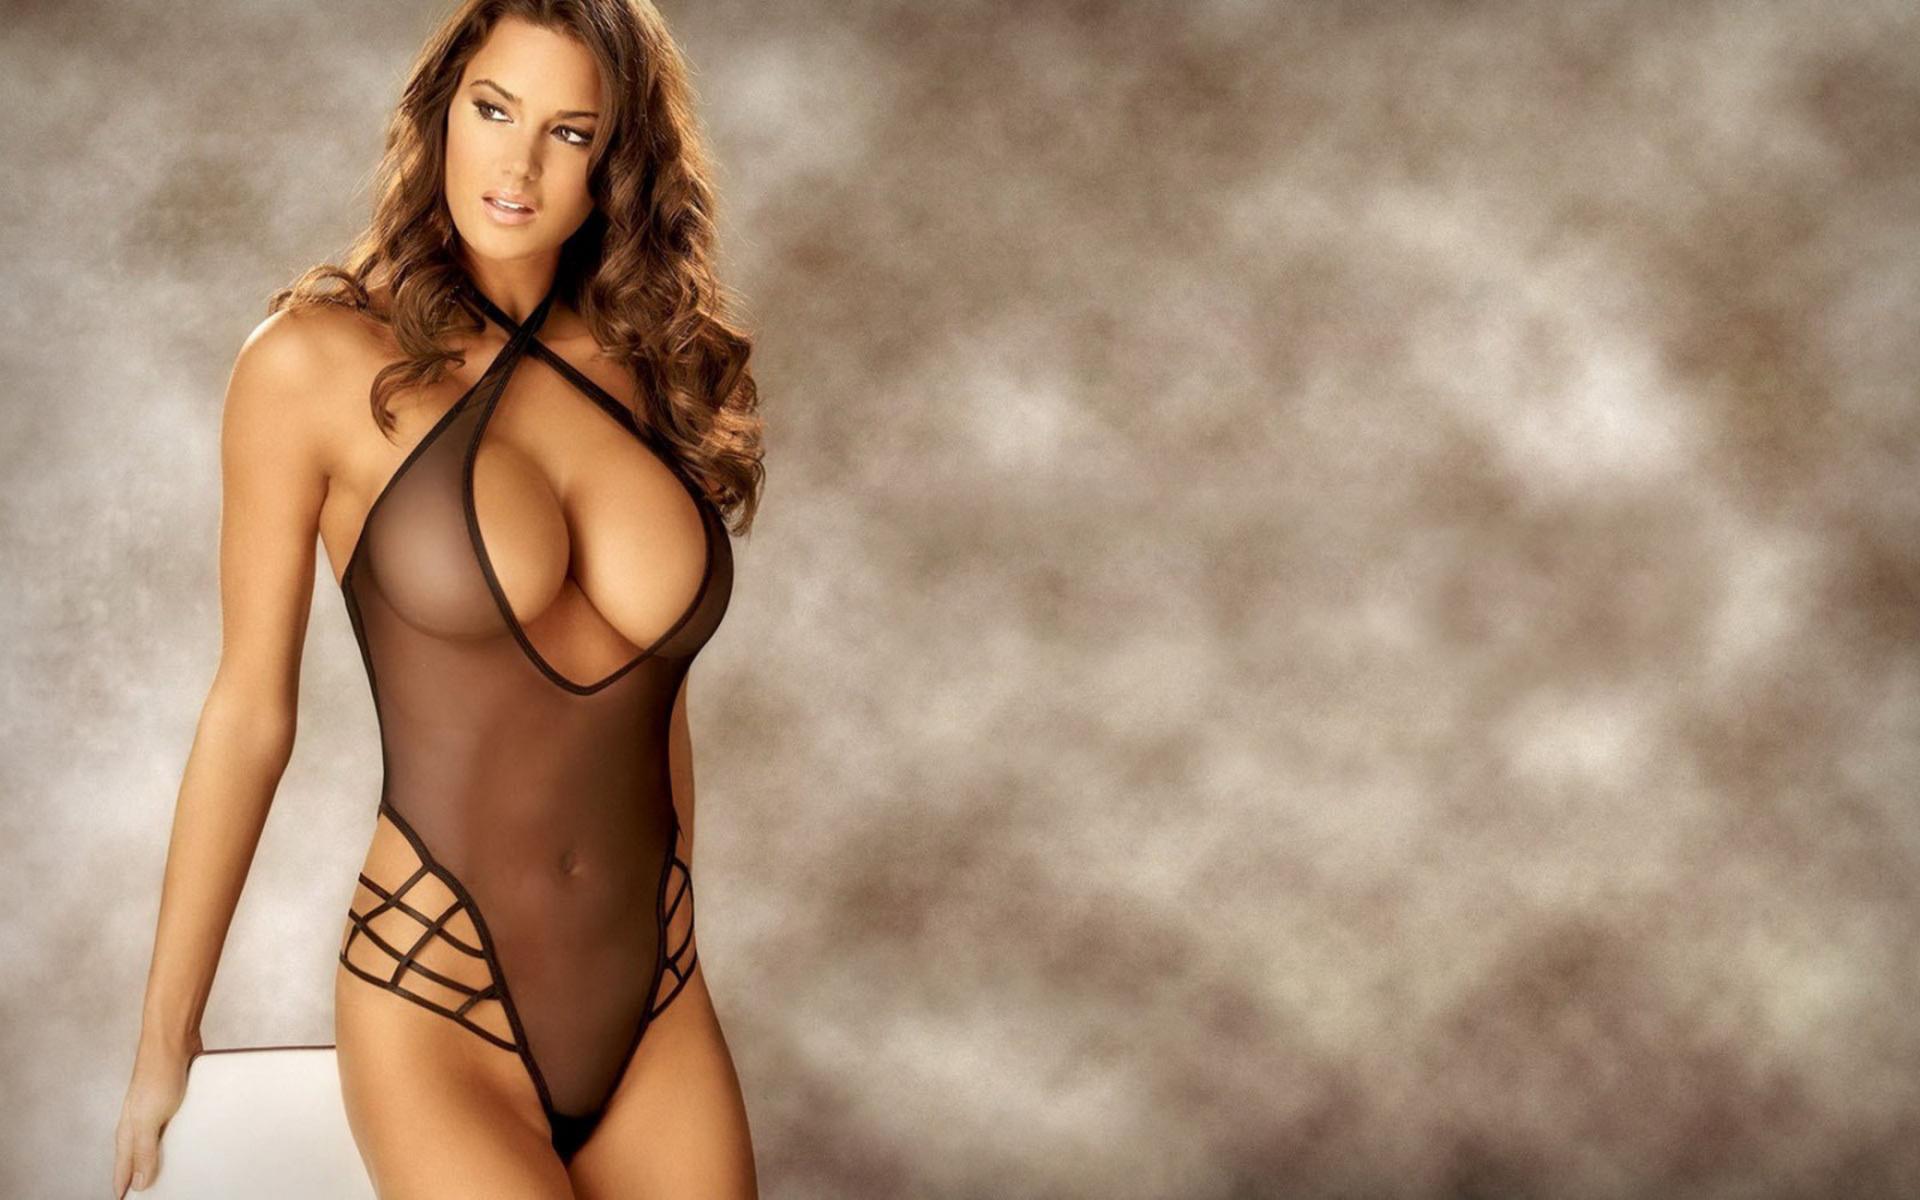 девушки голые в прозрачном фоне